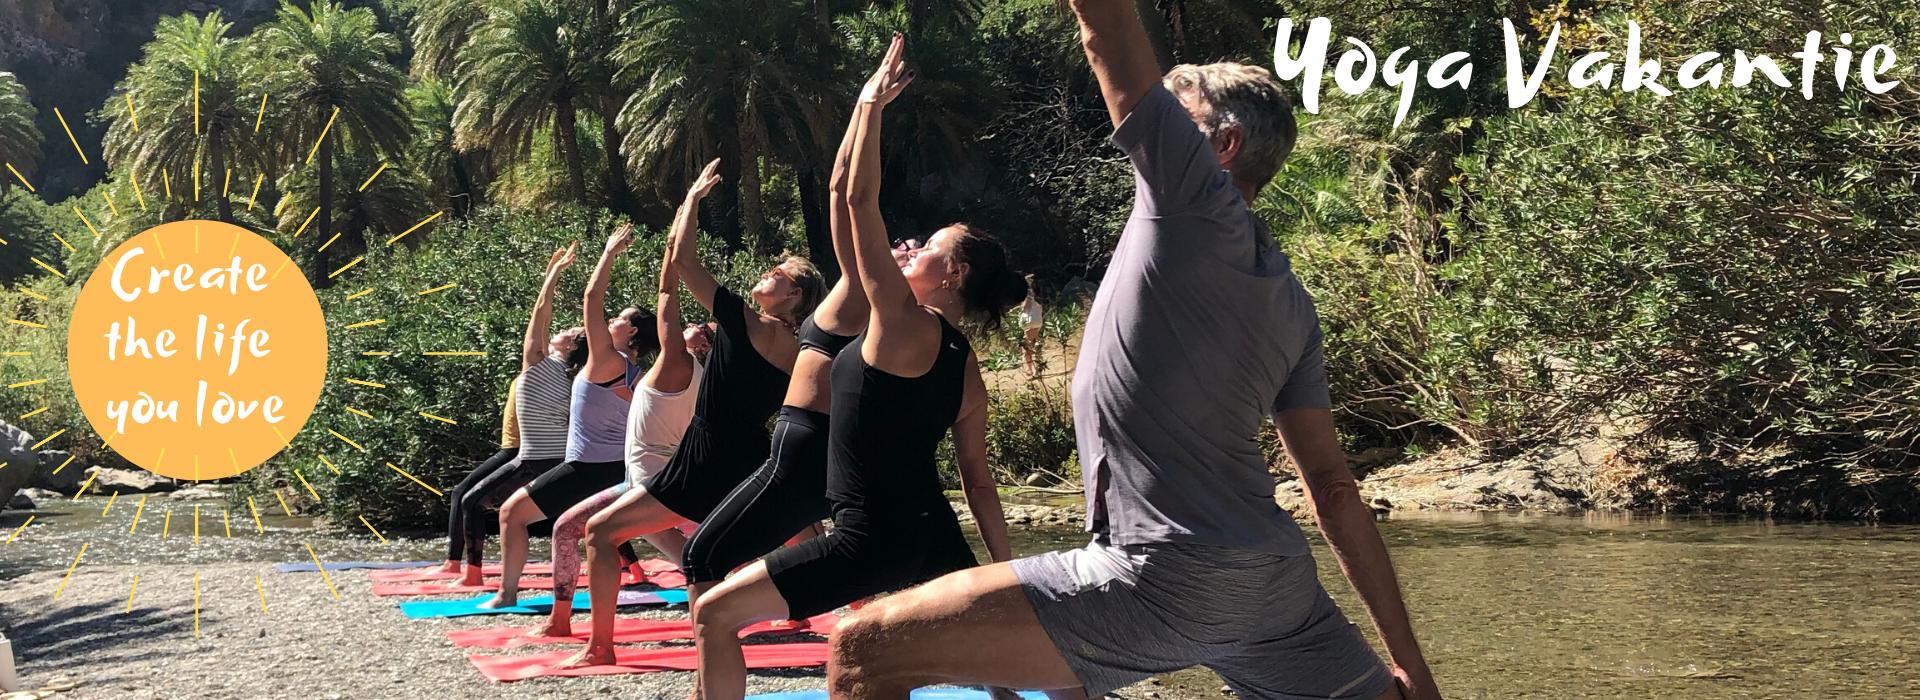 Gezellige Yoga lessen op de mooiste plekjes van Griekenland op Kreta in 2020. Wij staan voor gezelligheid, lekker eten en samen yoga doen! De verbinding met elkaar, zorgeloos genieten en tot rust komen.